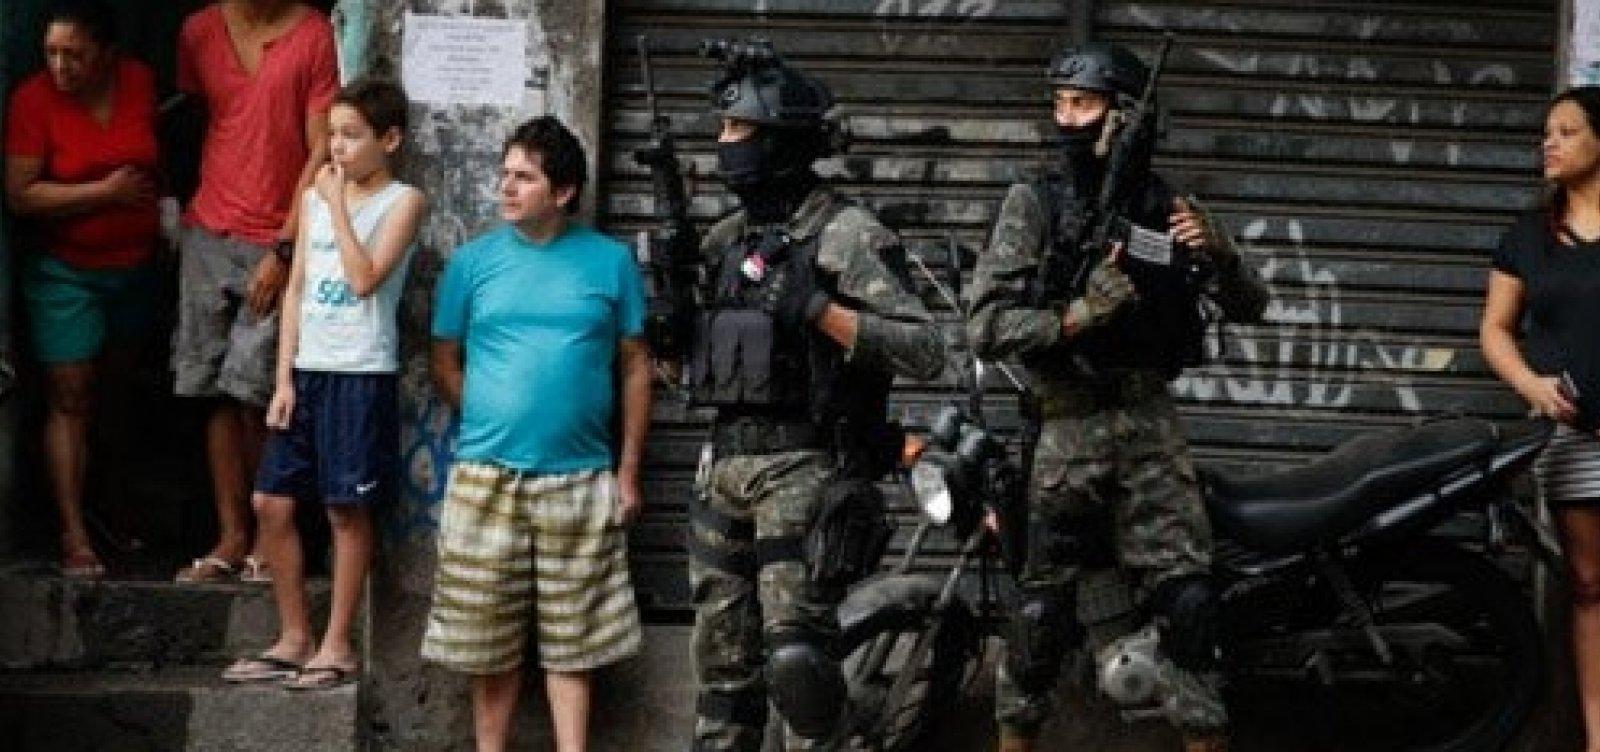 General lamenta 'fatalidade' em ação do Exército que matou duas pessoas no Rio